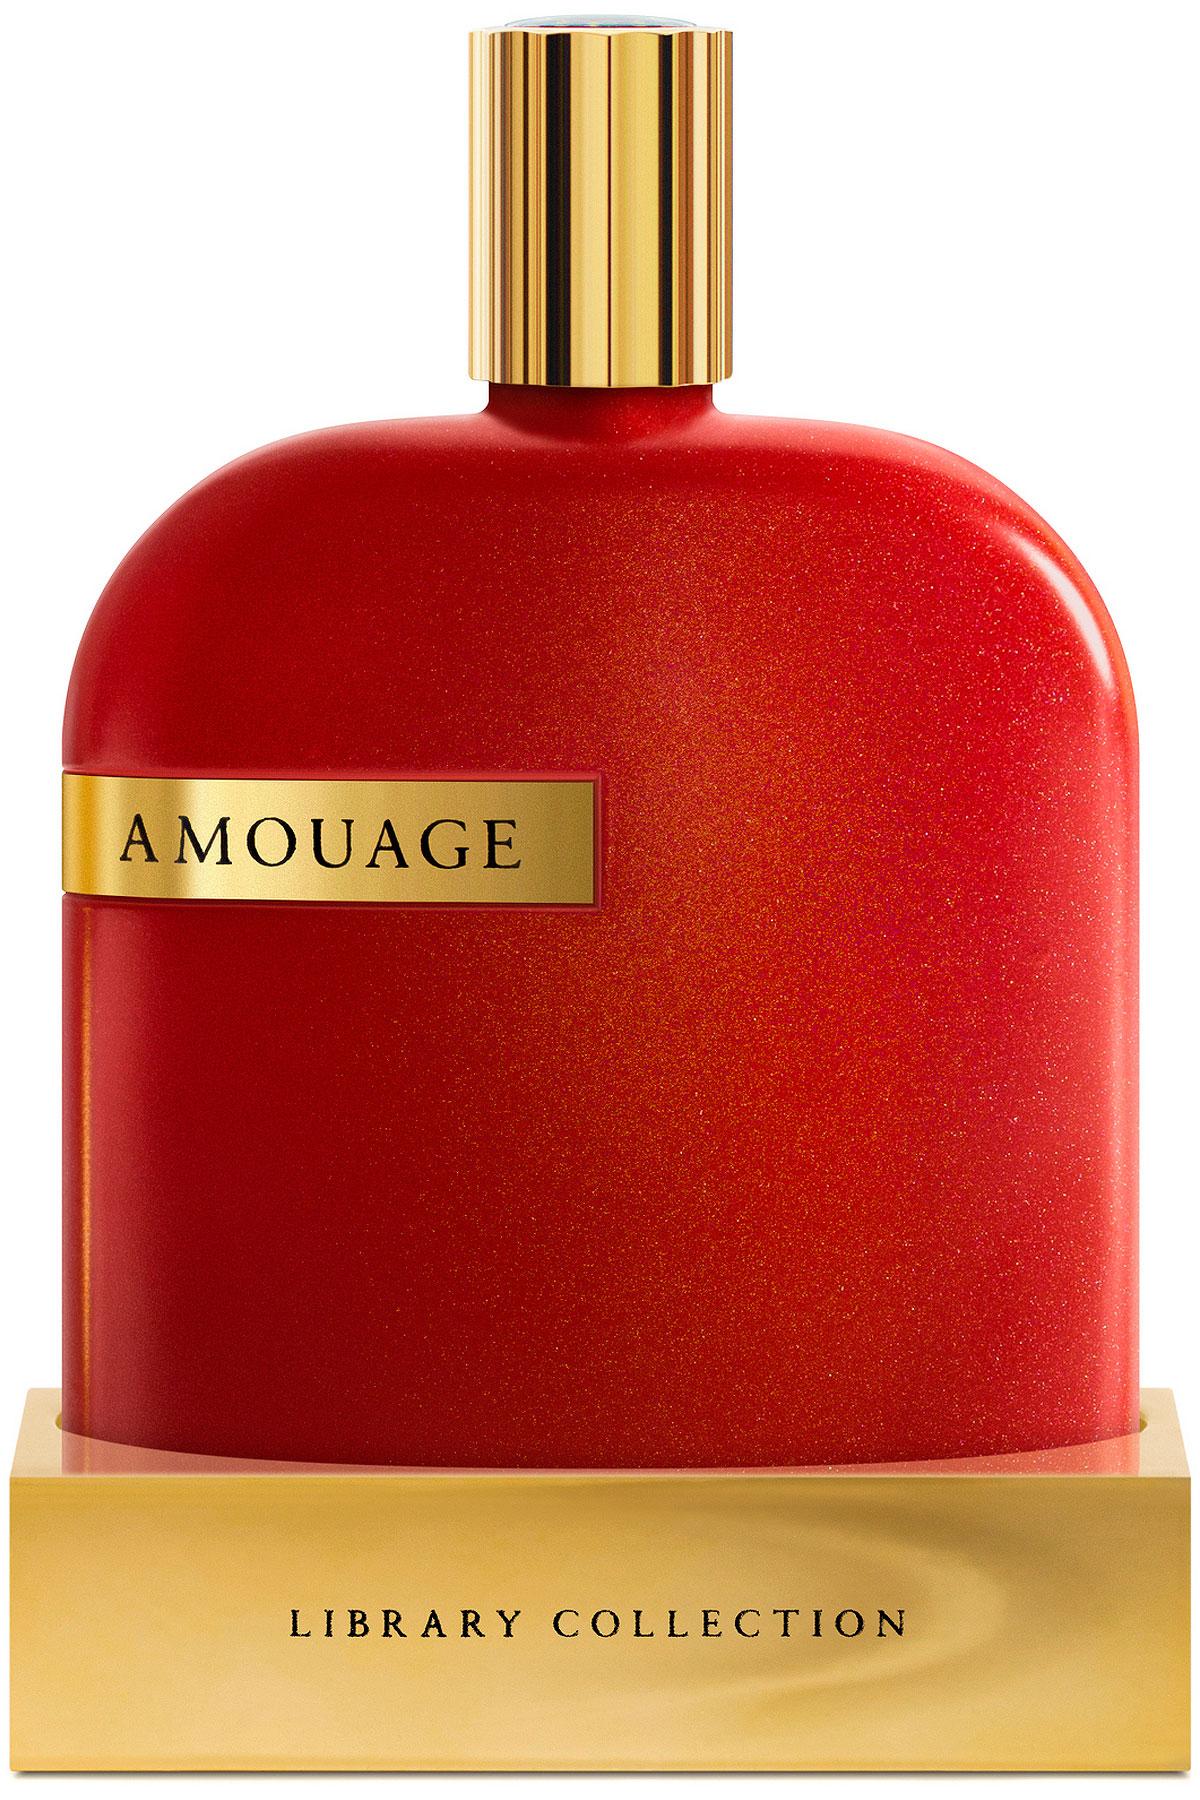 Amouage Fragrances for Women, Opus Ix - Eau De Parfum - 100 Ml, 2019, 100 ml